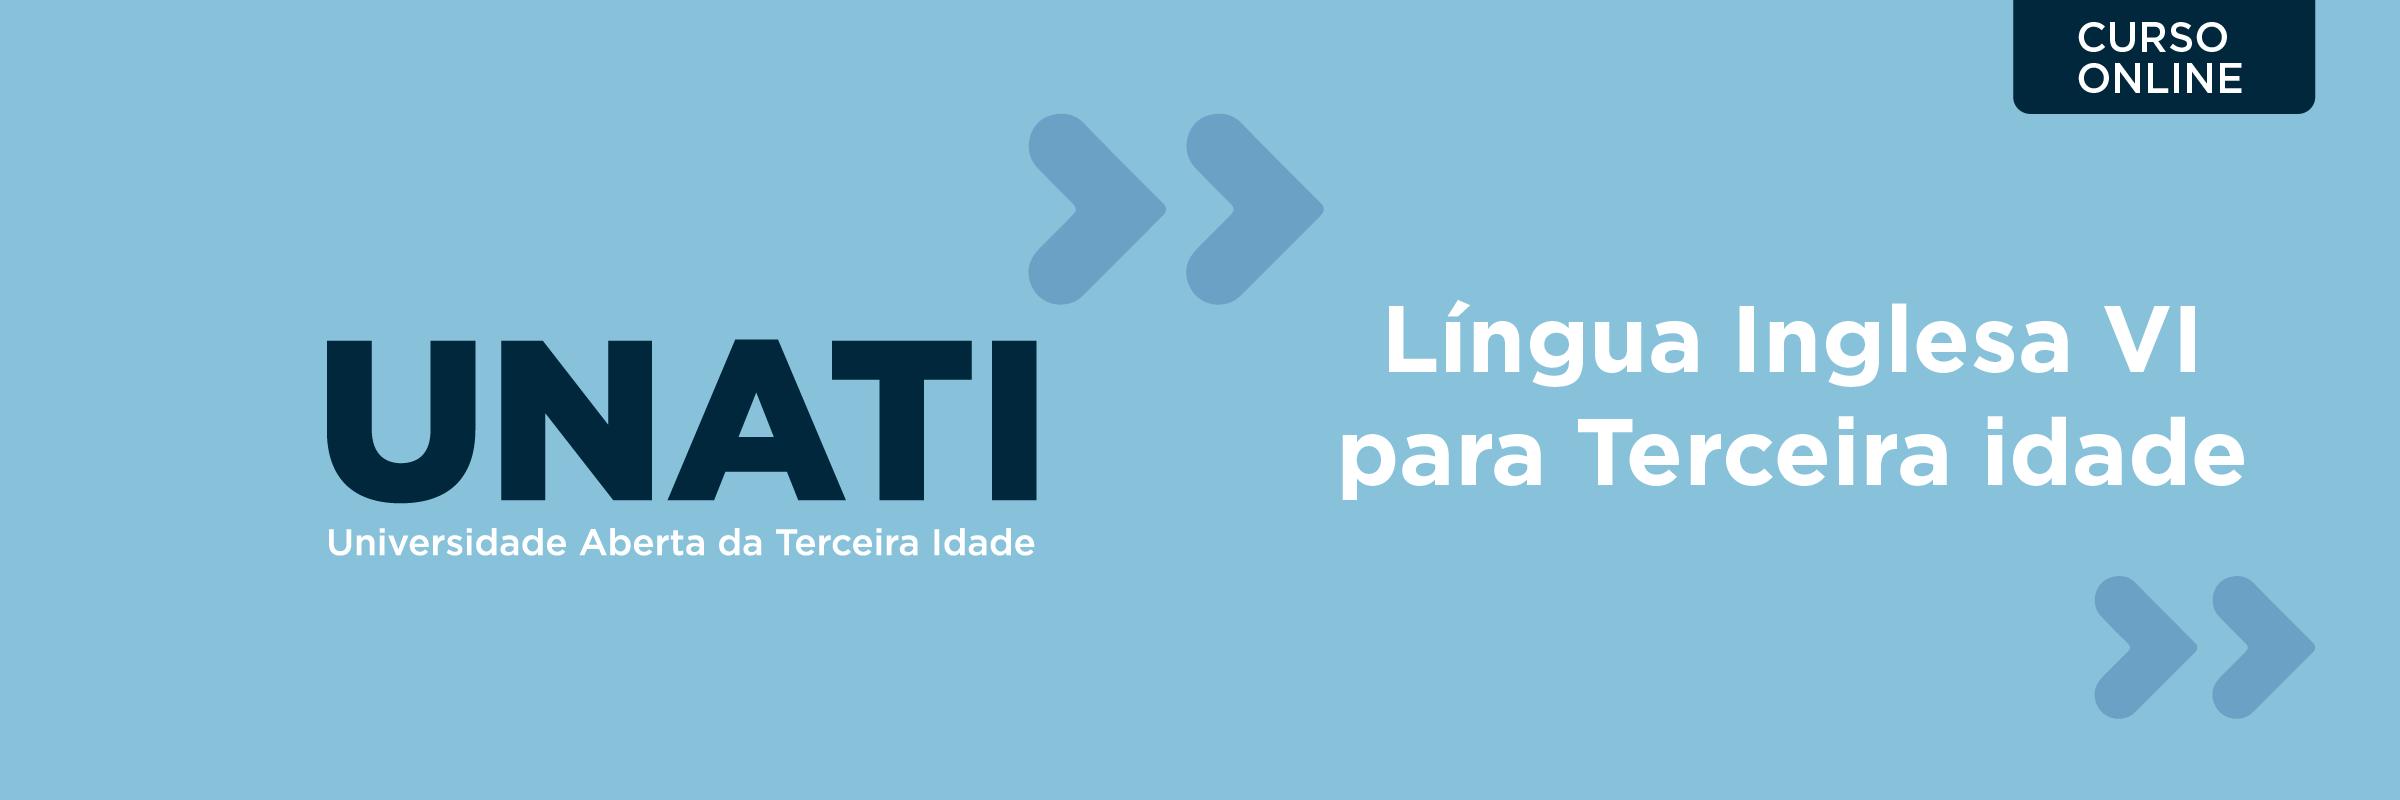 192076-CURSO DE EXTENSÃO EM LÍNGUA INGLESA VI PARA TERCEIRA IDADE